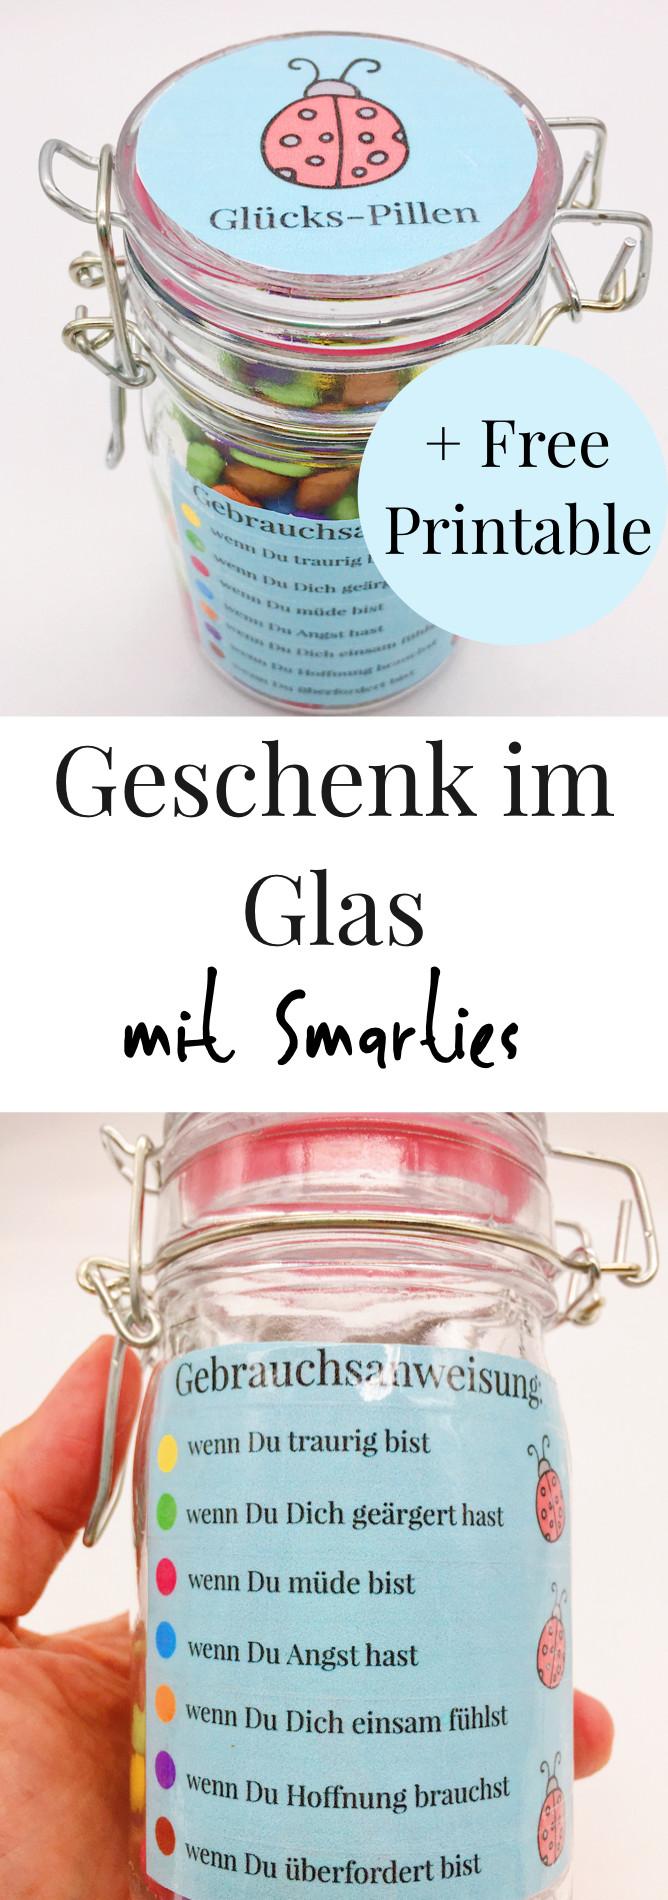 Schöne Geschenke Für Frauen  DIY Geschenke im Glas selber machen – kreative